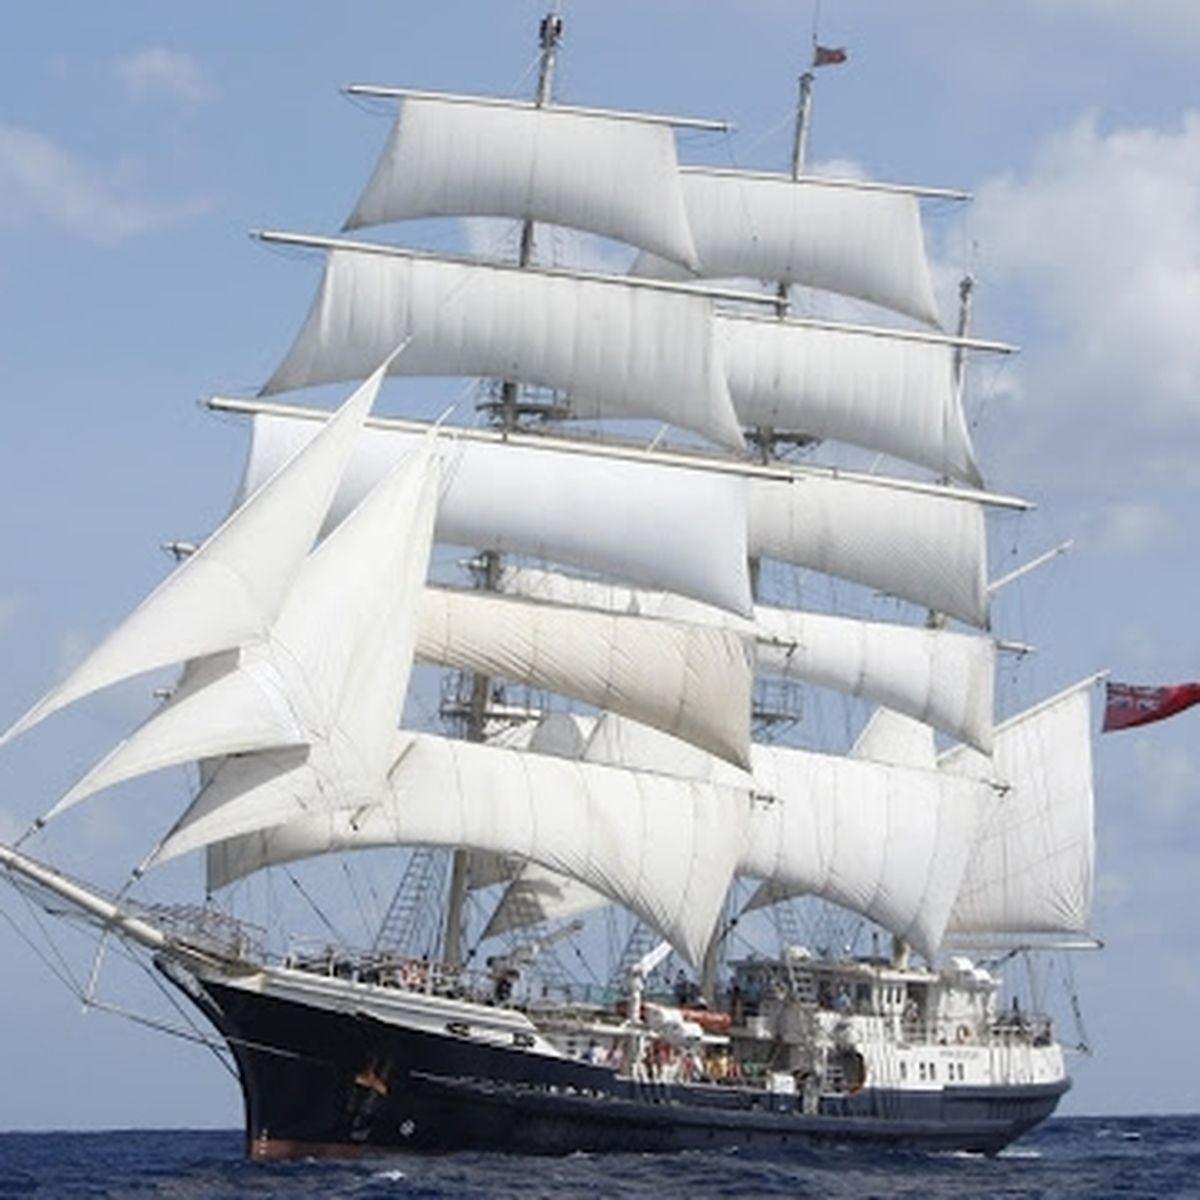 Les Bateaux De L Armada Le Tenacious Trois Mats Barque Anglais Sans Prejuges